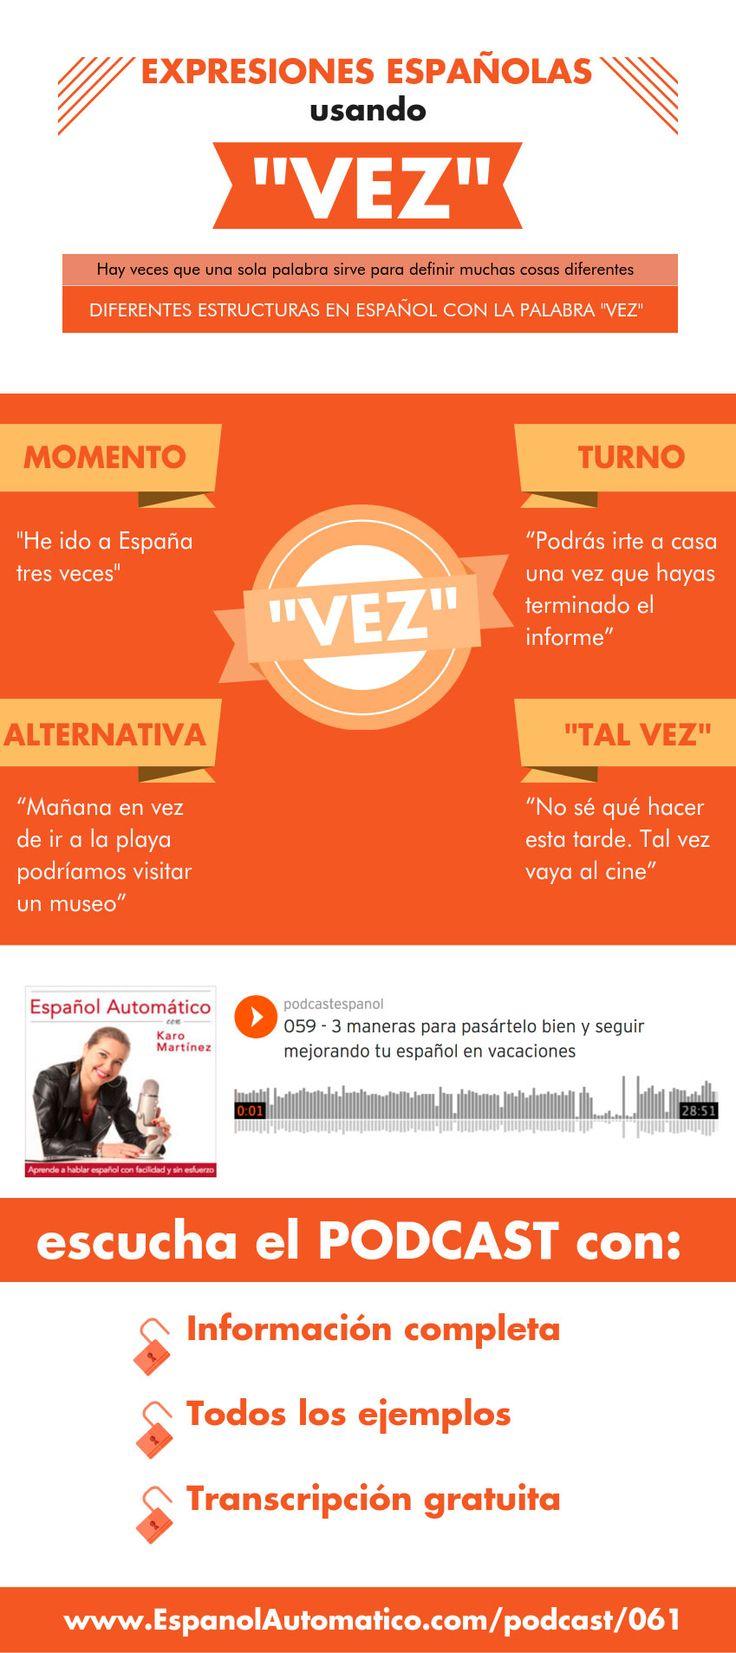 """Expresiones españolas usando """"vez""""[Podcast 061].  En español, hay veces que una sola palabra sirve para definir muchas cosas  diferentes. He aquí diferentes estructuras de español que usan la palabra «vez». Podcast: http://espanolautomatico.com/podcast/061REPIN for later"""